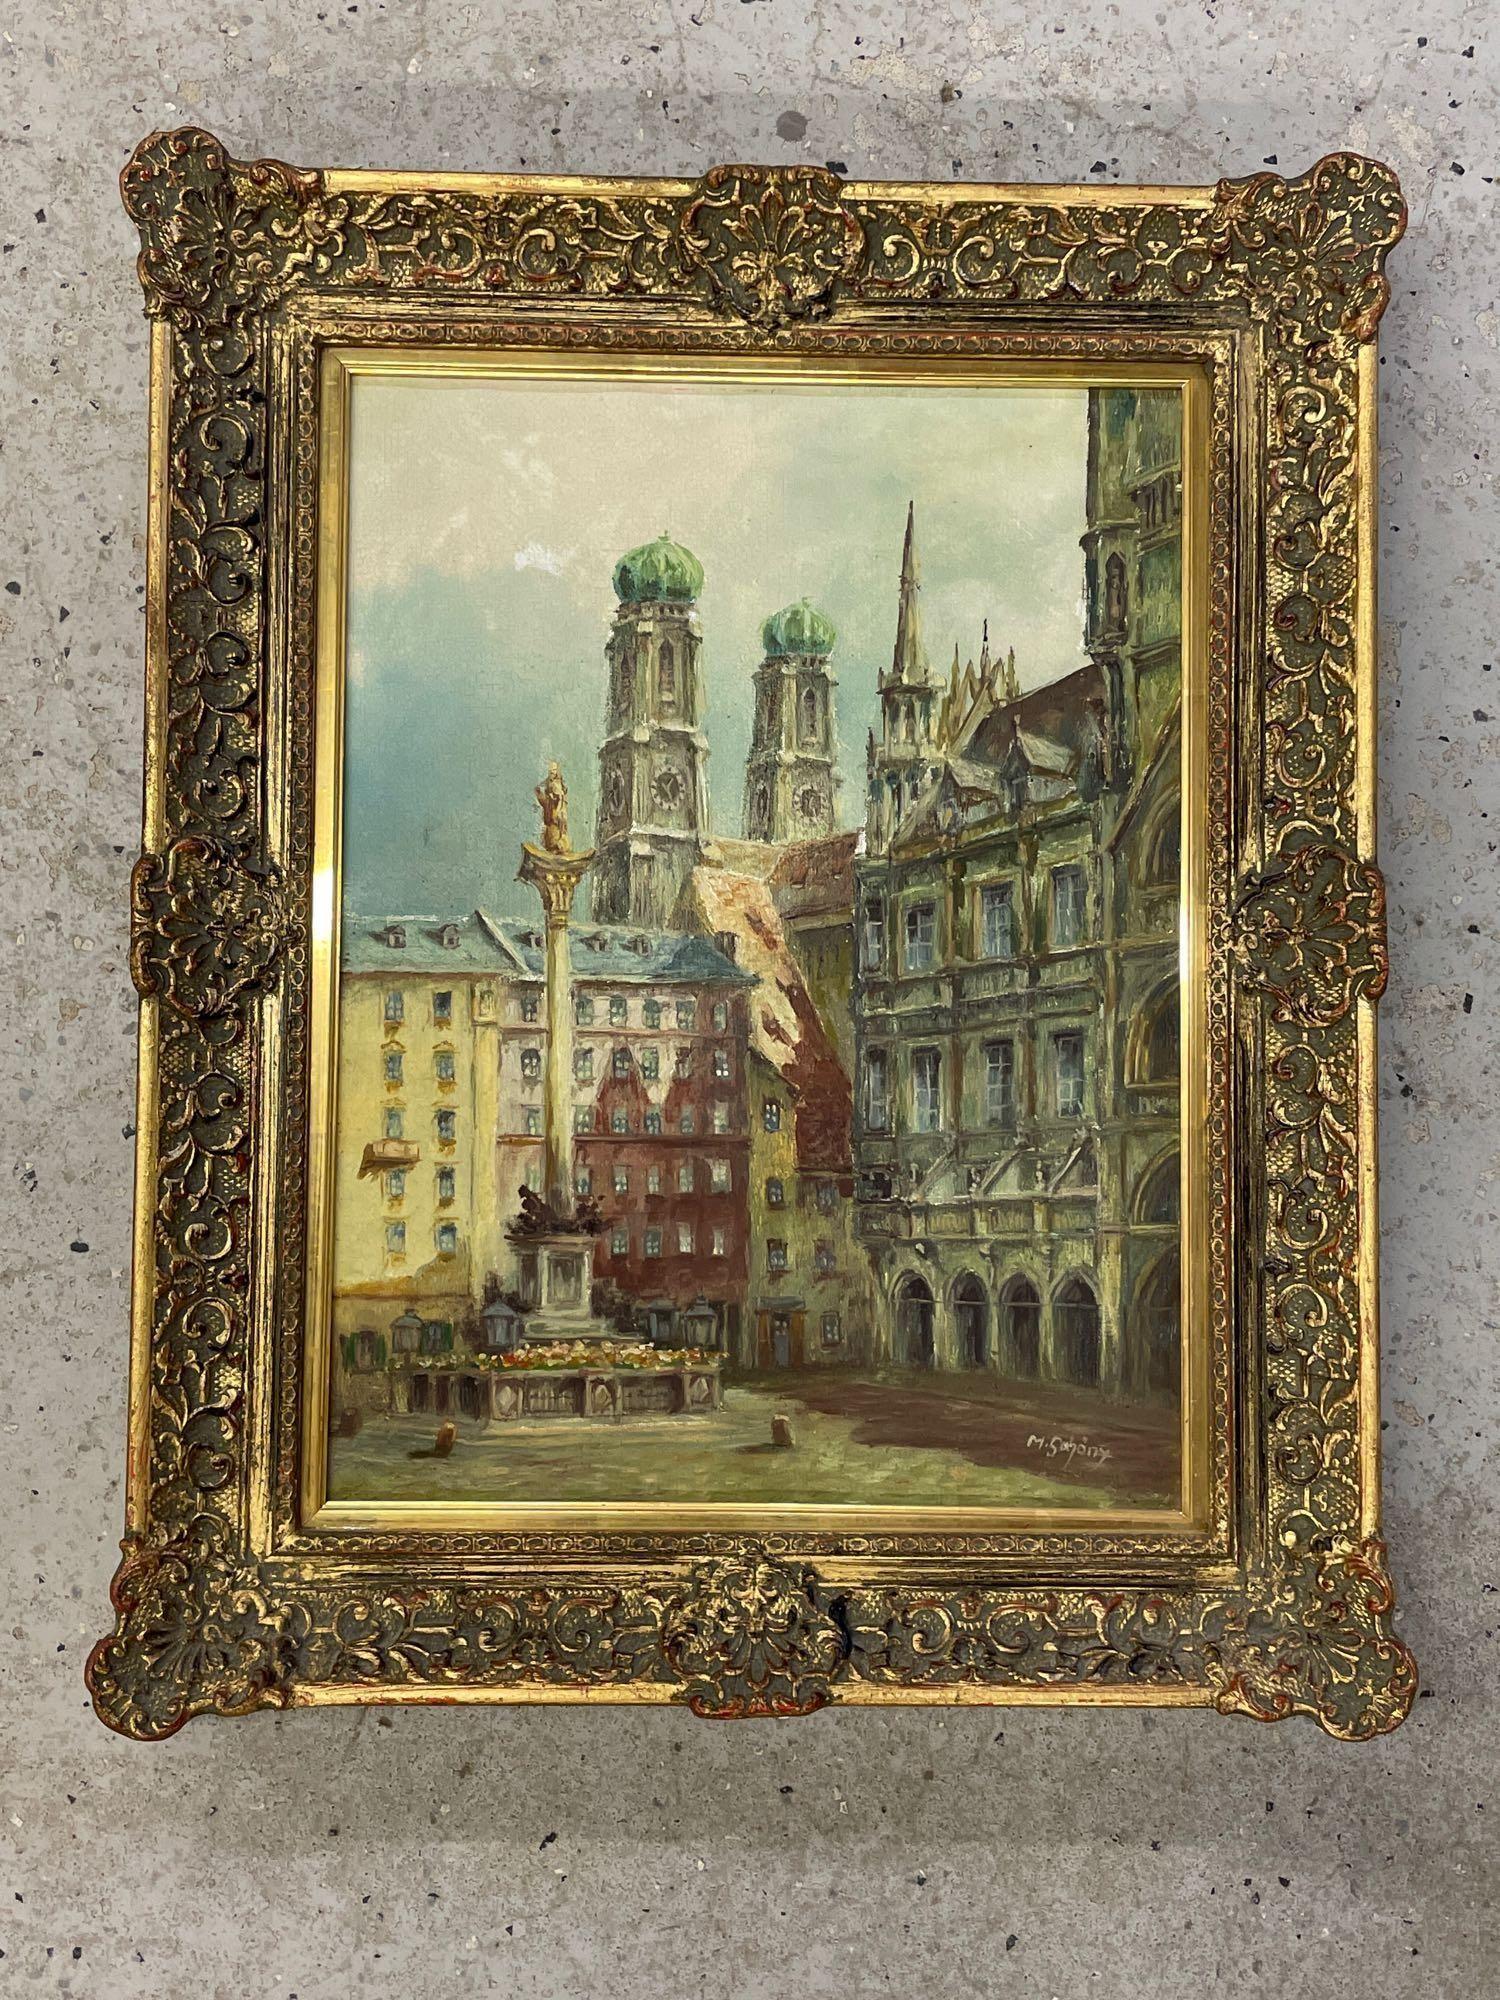 German School Oil on Canvas, Landscape